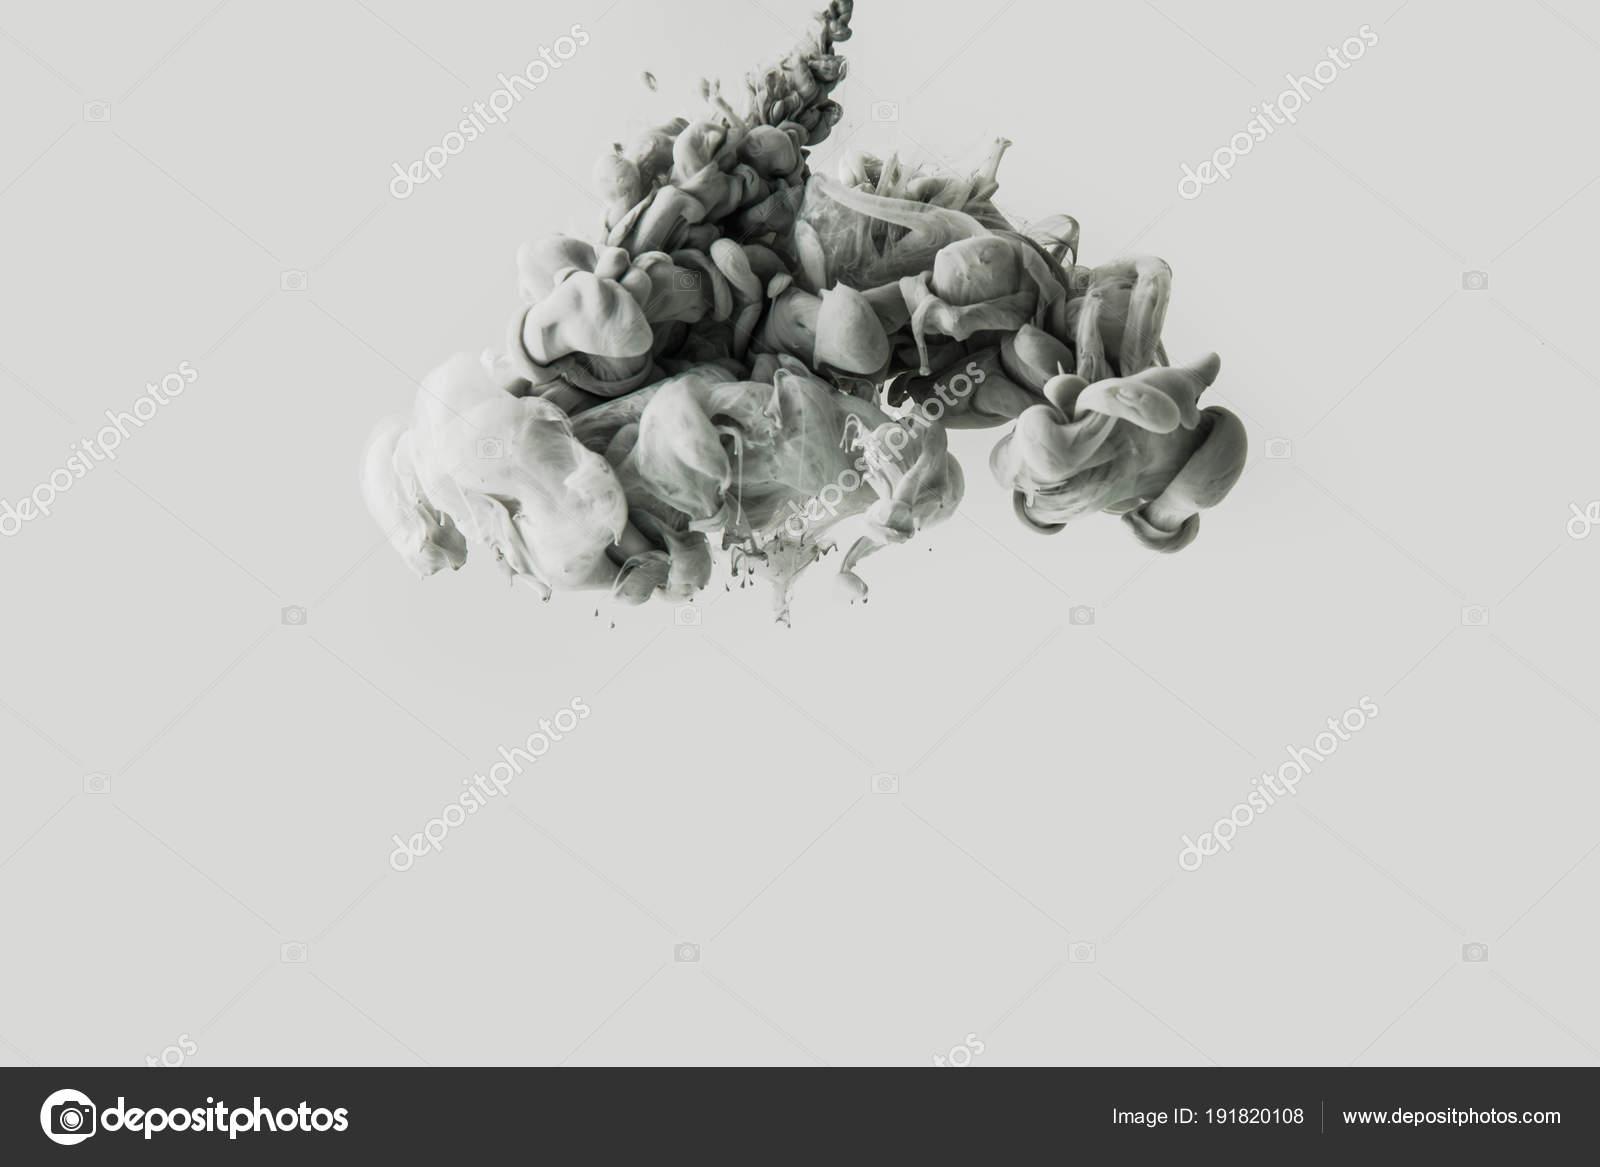 nahaufnahme von rauch oder spritzer wasser isoliert auf grau farben